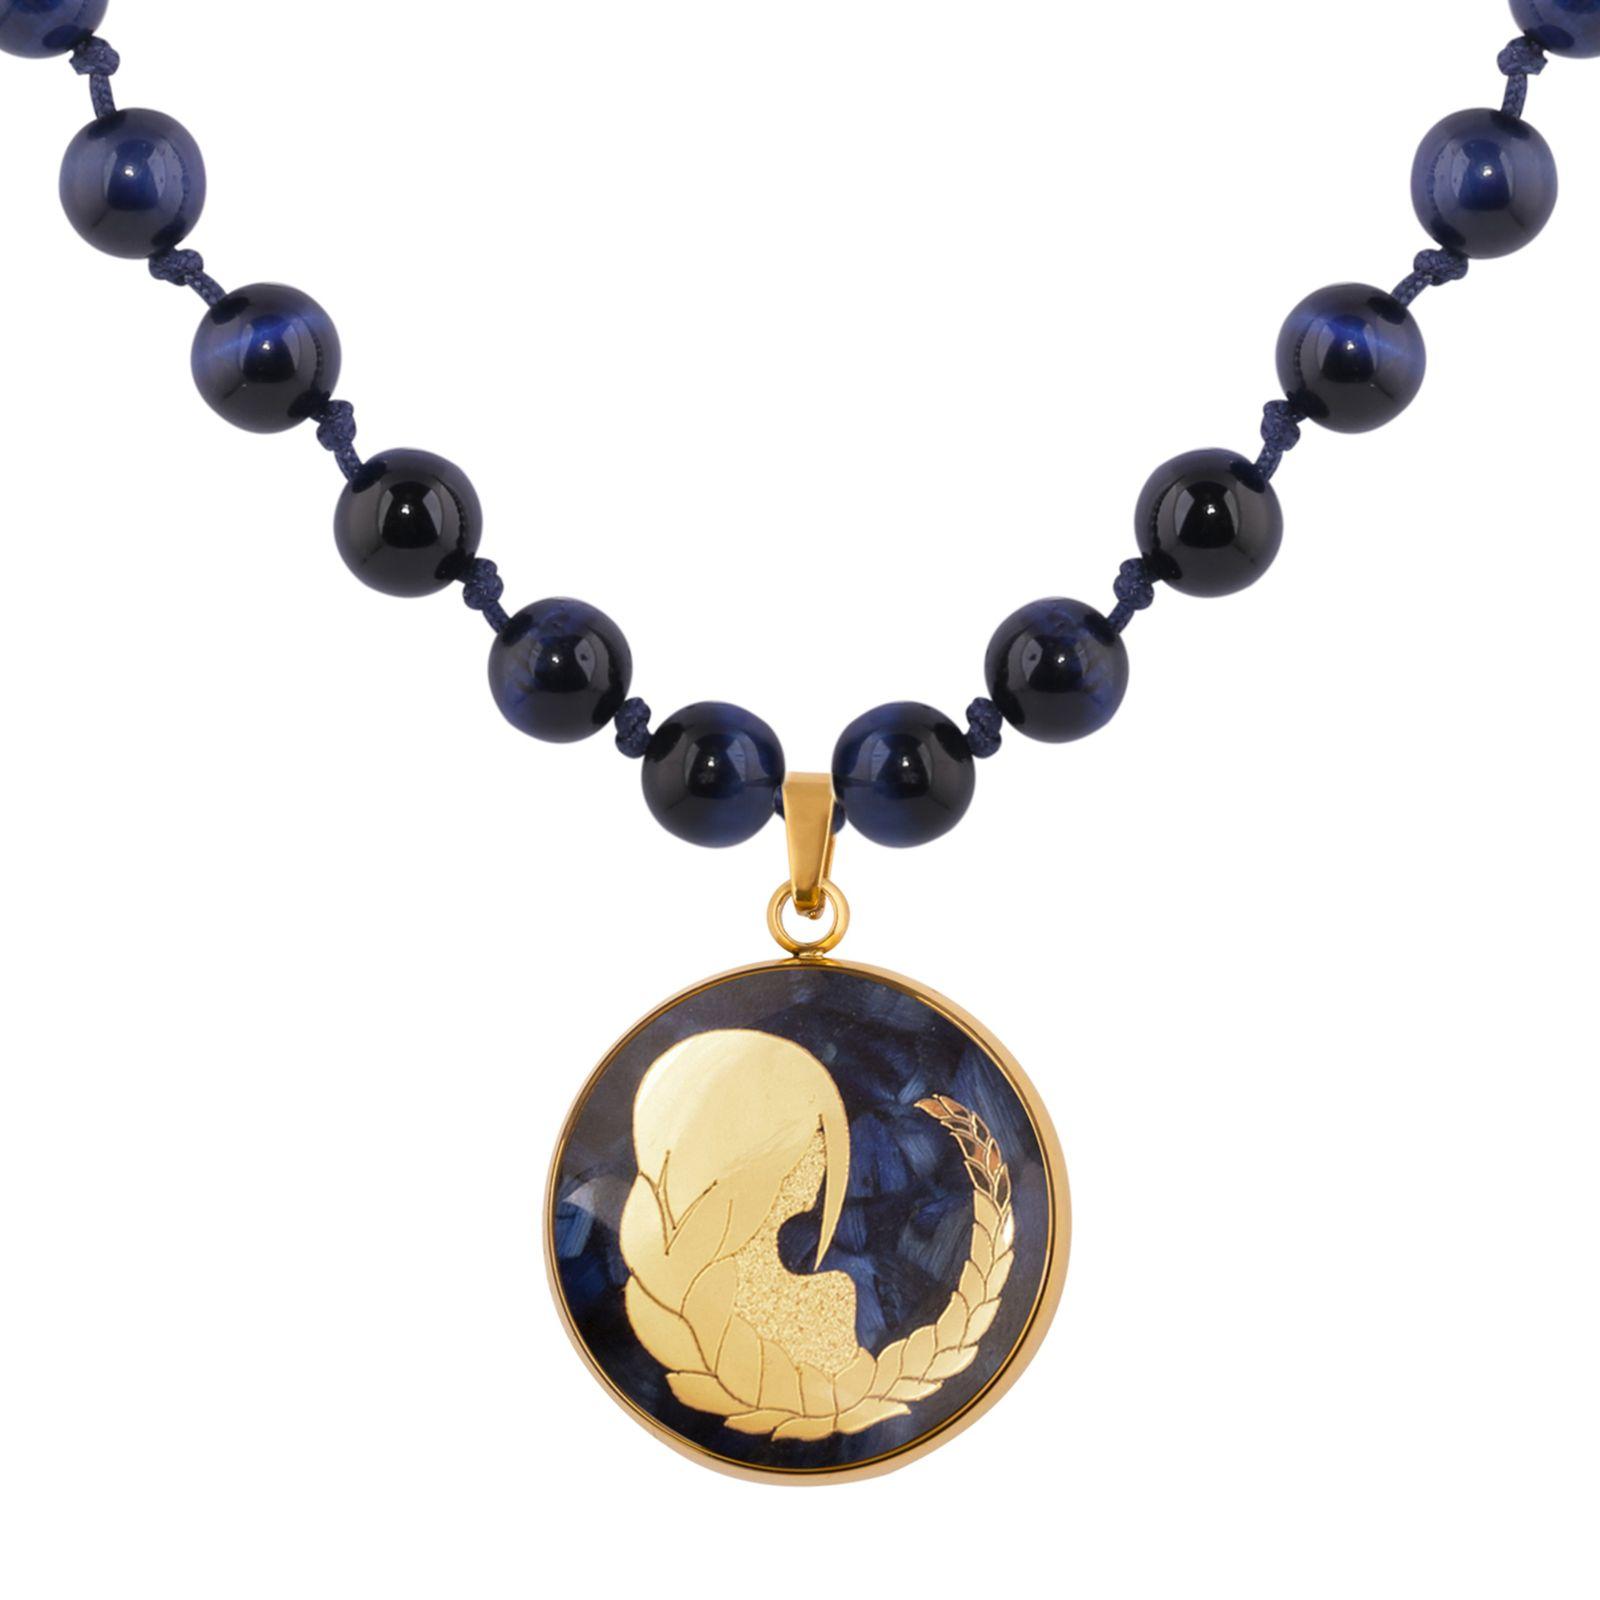 گردنبند زنانه الون طرح نماد ماه شهریور  کد TIG102 -  - 5